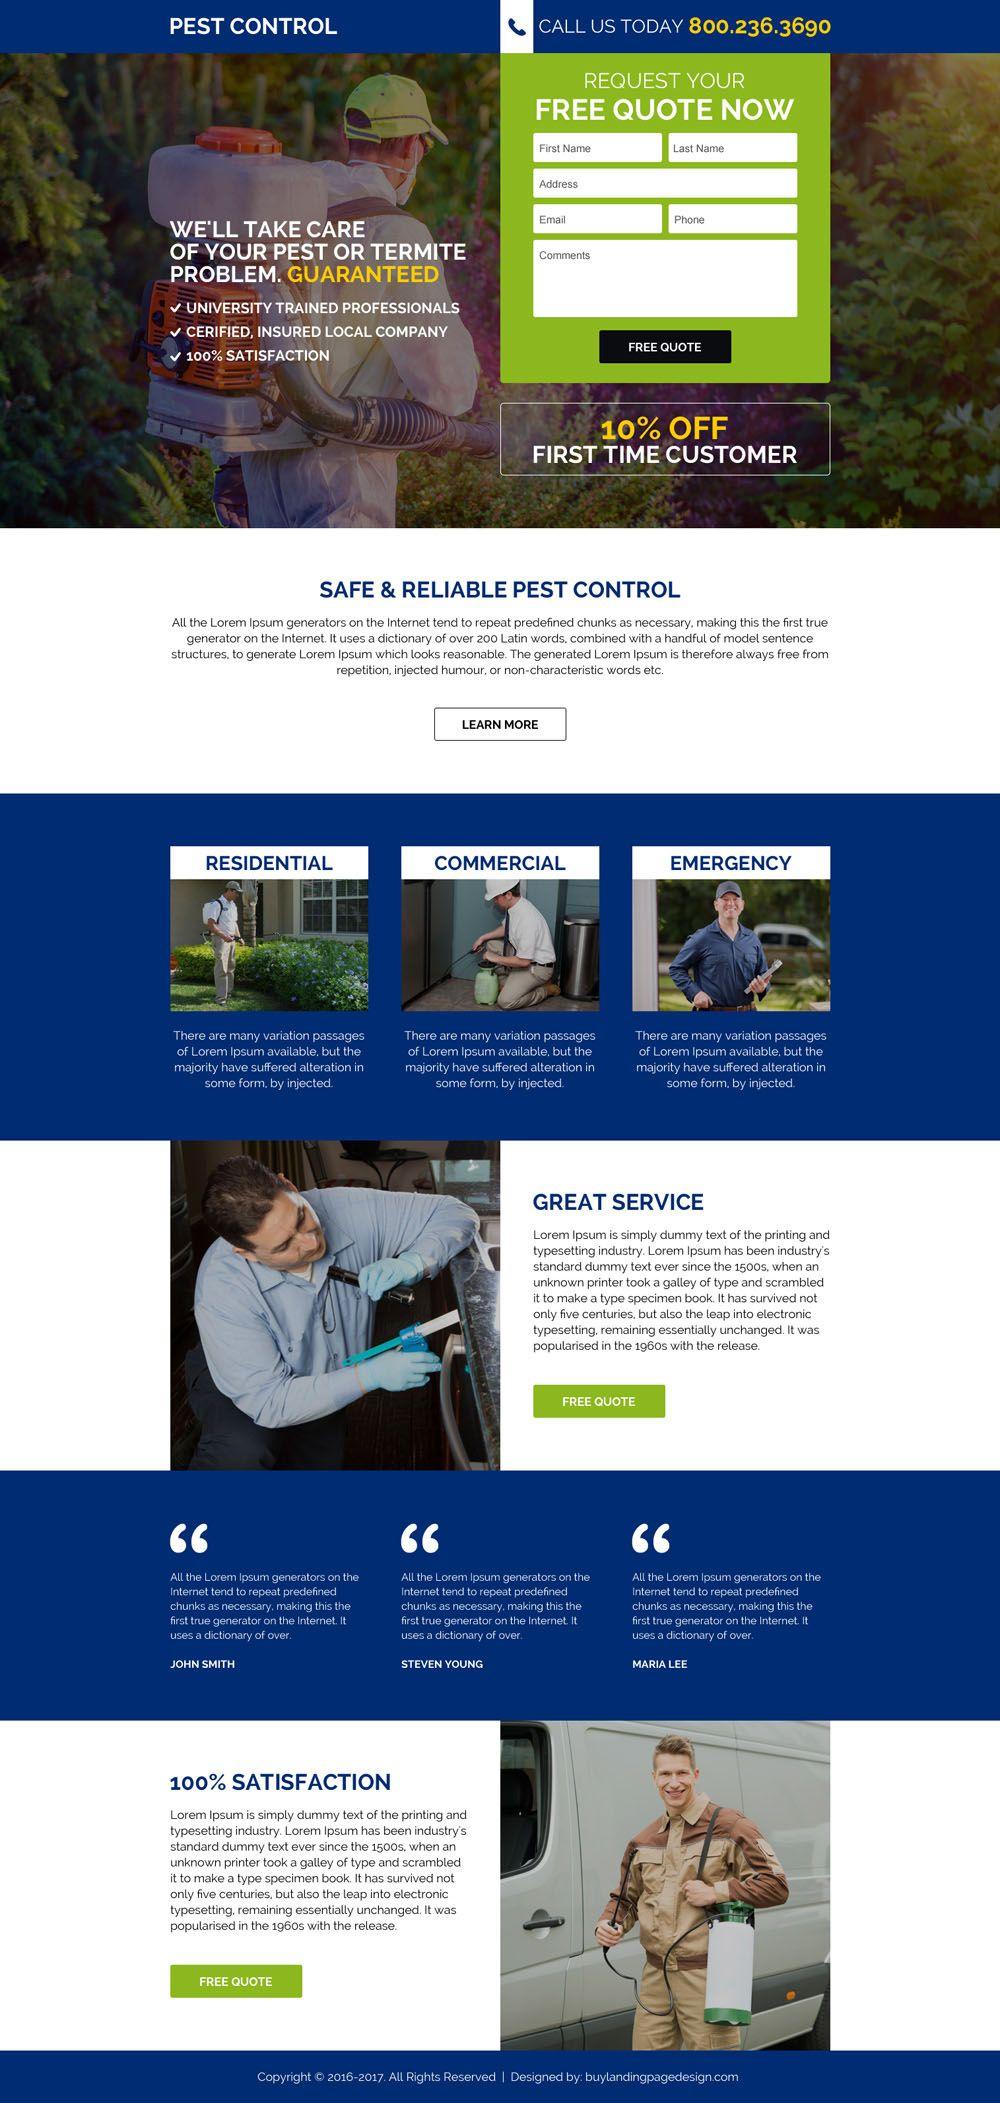 Commercial Pest Control Service Responsive Landing Page Design Pest Control Termite Problem Pests